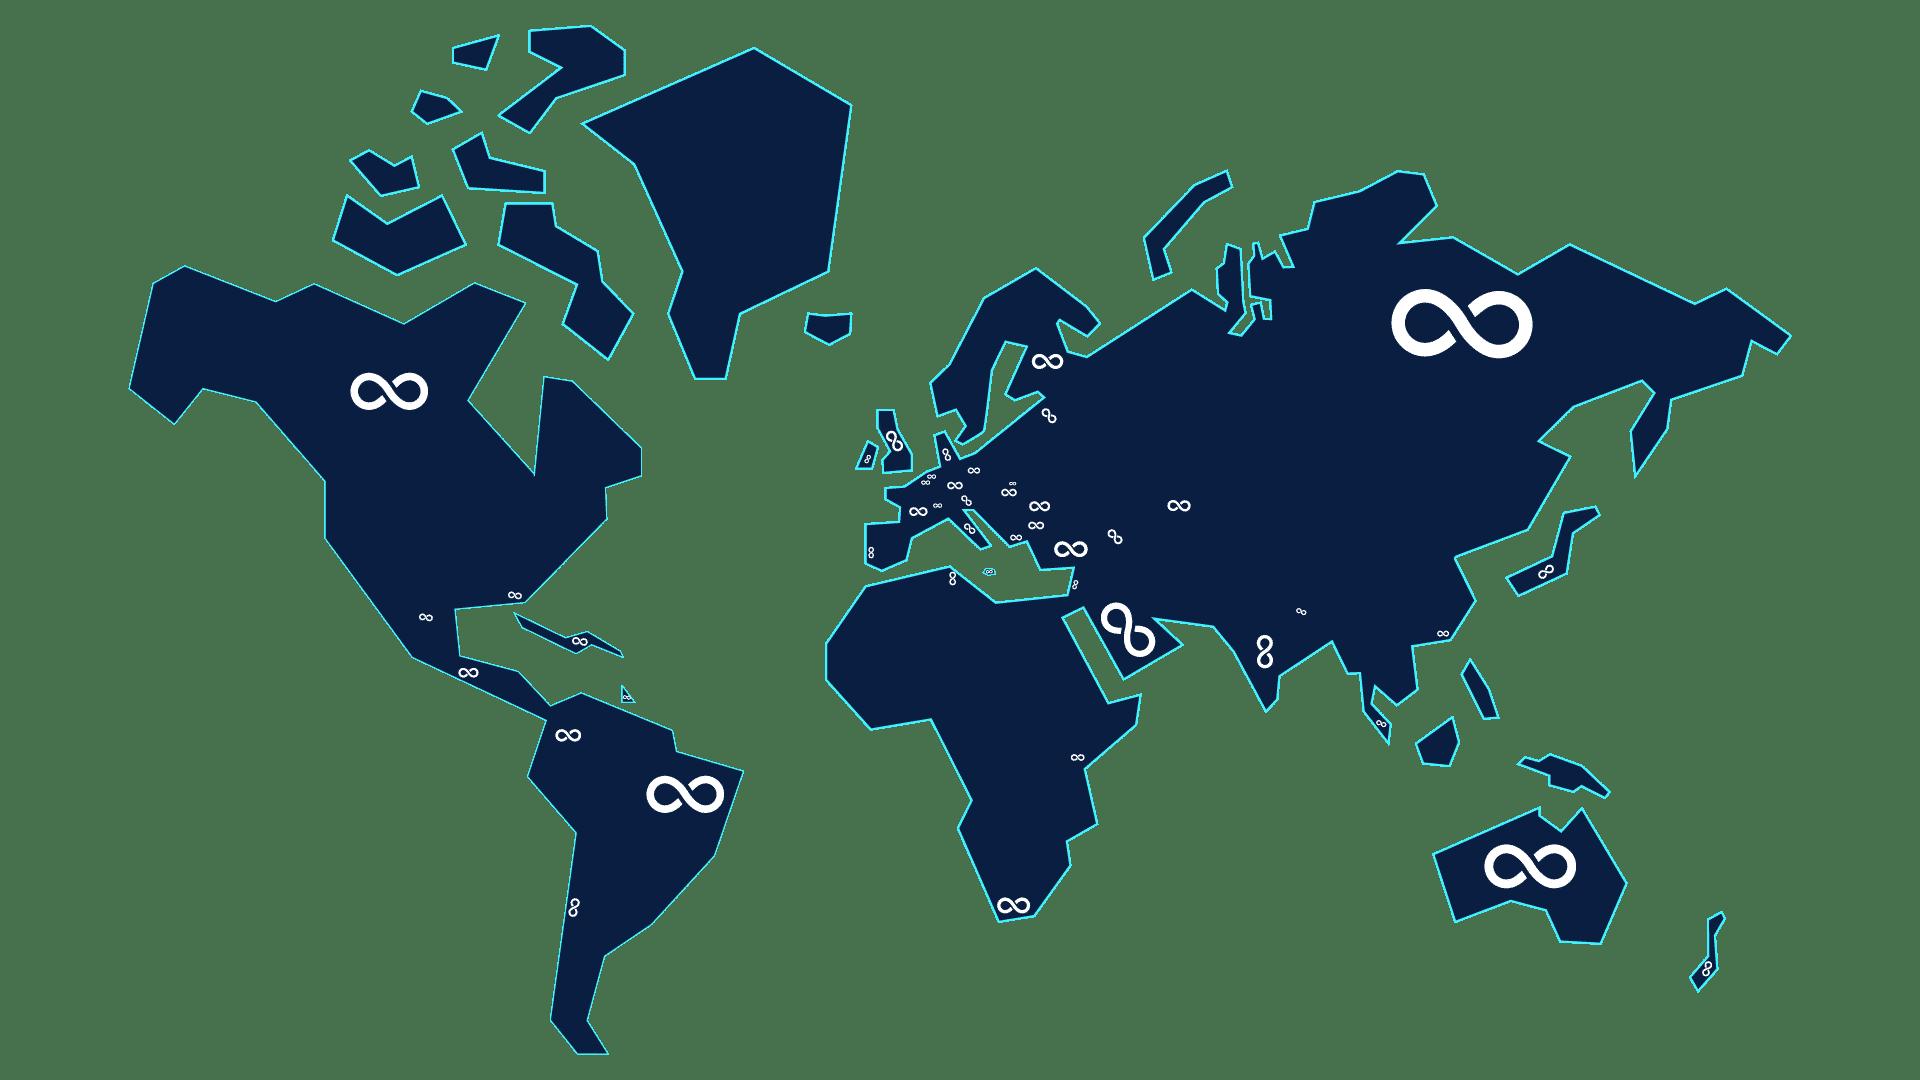 the infinite loop